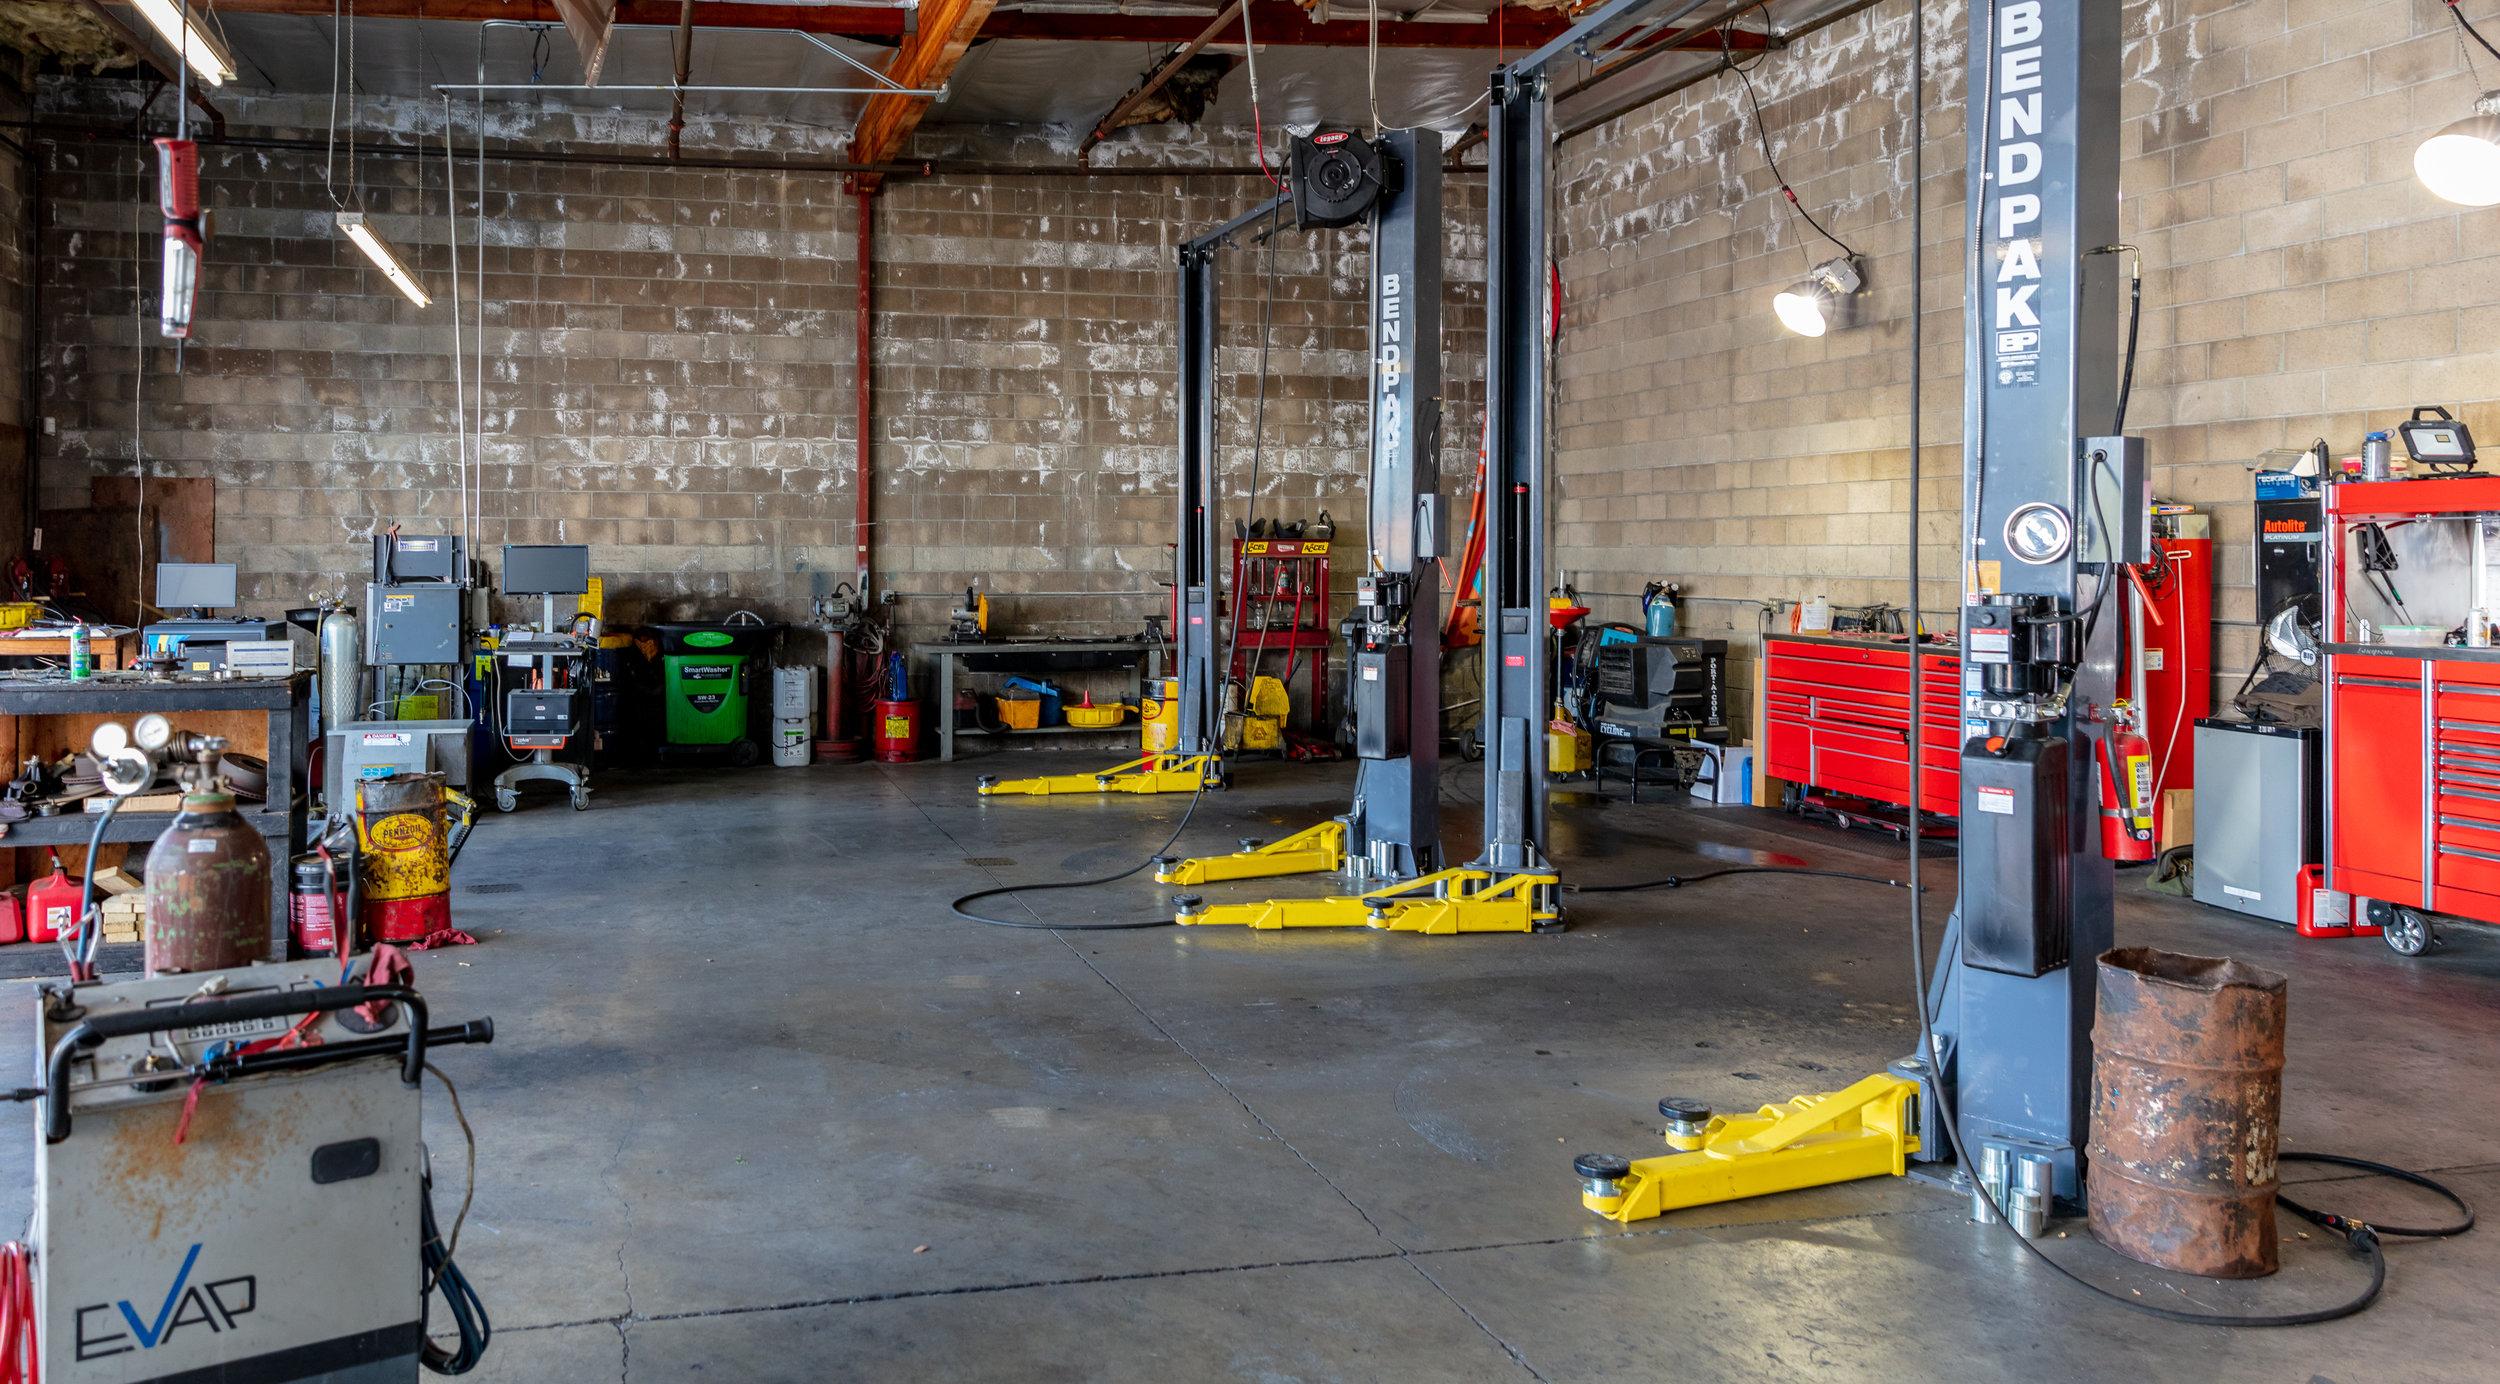 SMOG-Diagnostic-Specialists-Auto-Repair-And-Maintenance-Northgate-Blvd-Sacramento-CA-0015.jpg